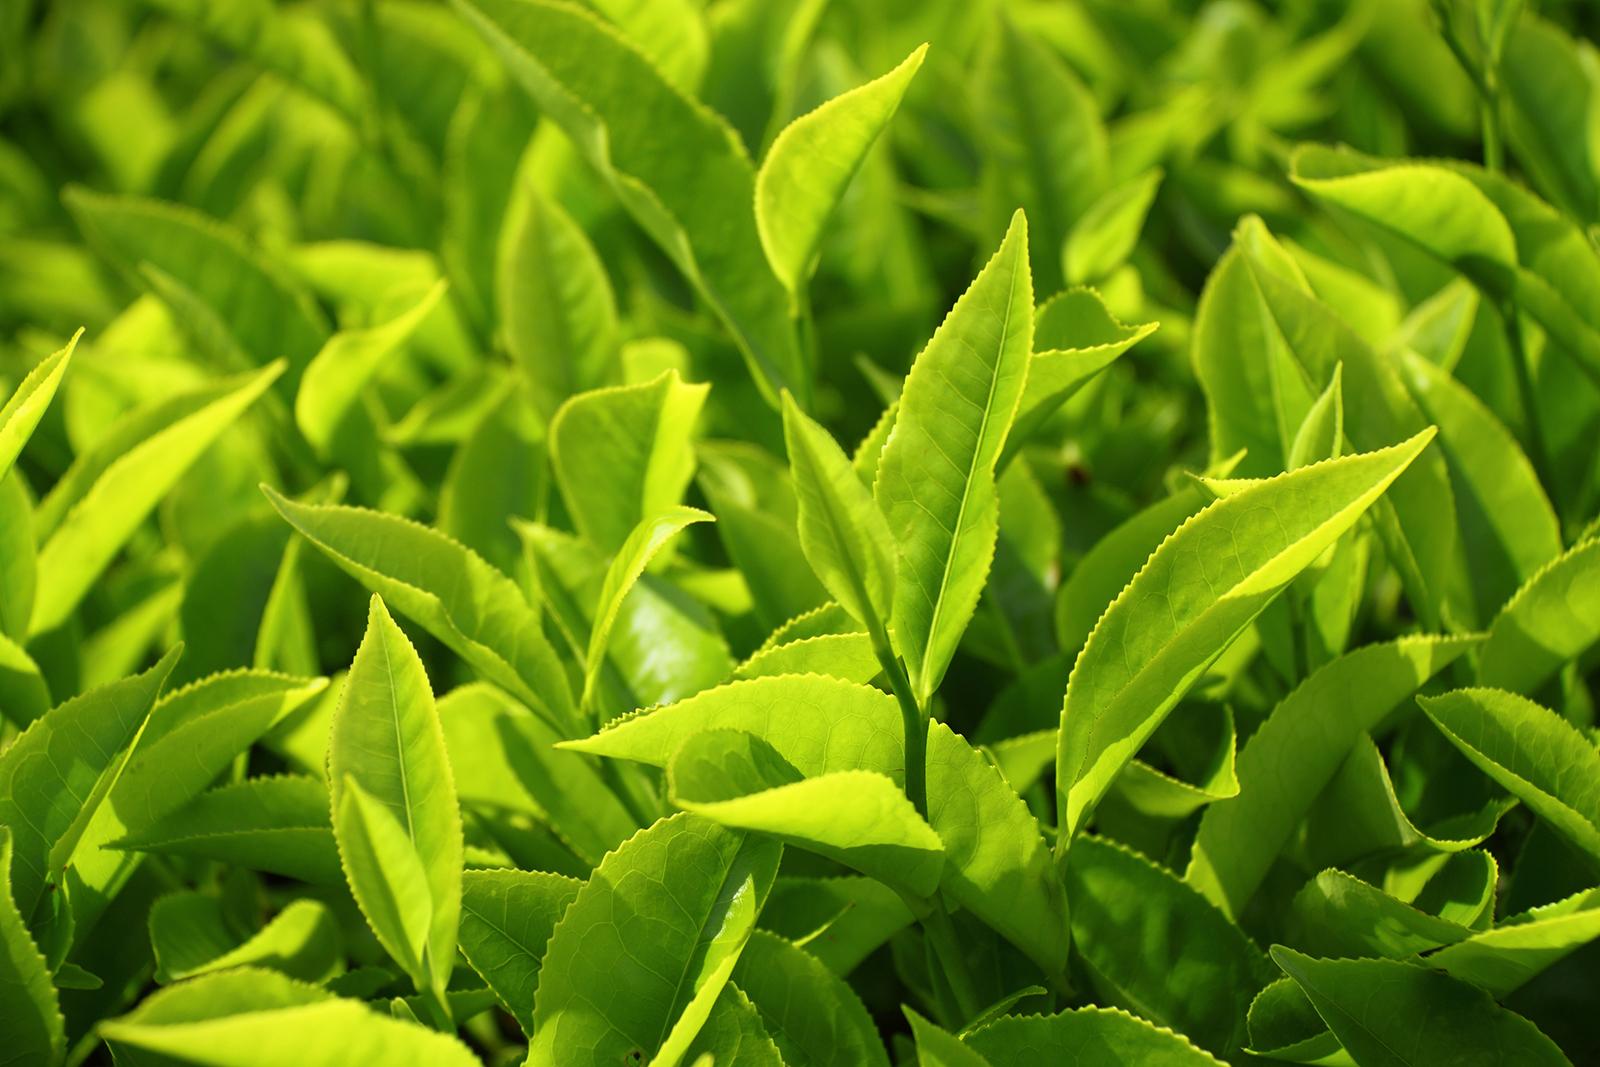 Gel rửa mặt trị mụn Dr. C.Tuna Tea Tree Face Wash - Farmasi có chiết xuất từ tinh dầu cây trà Úc nên an toàn cho sức khỏe làn da khi sử dụng